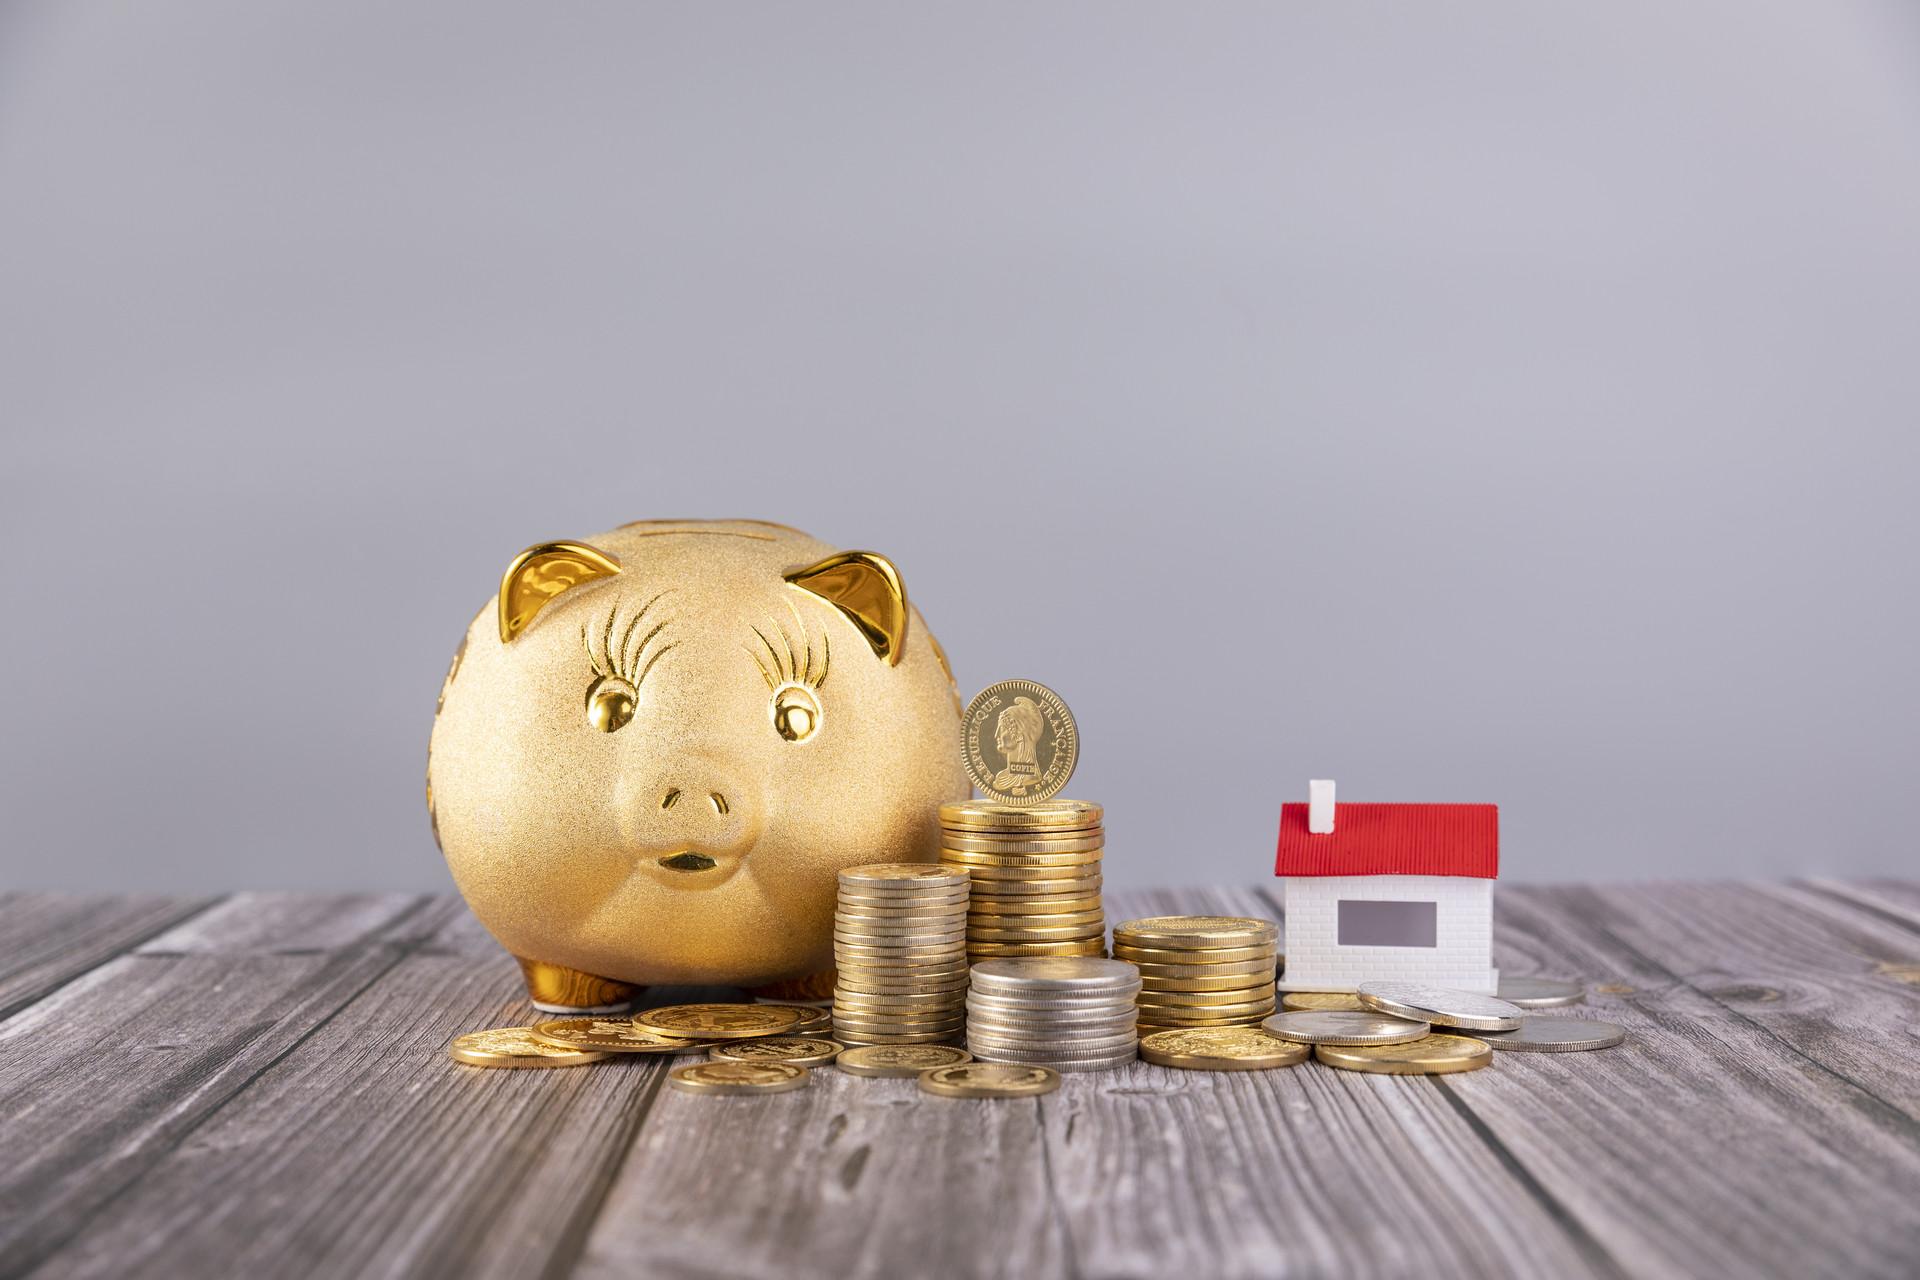 理财保险的作用